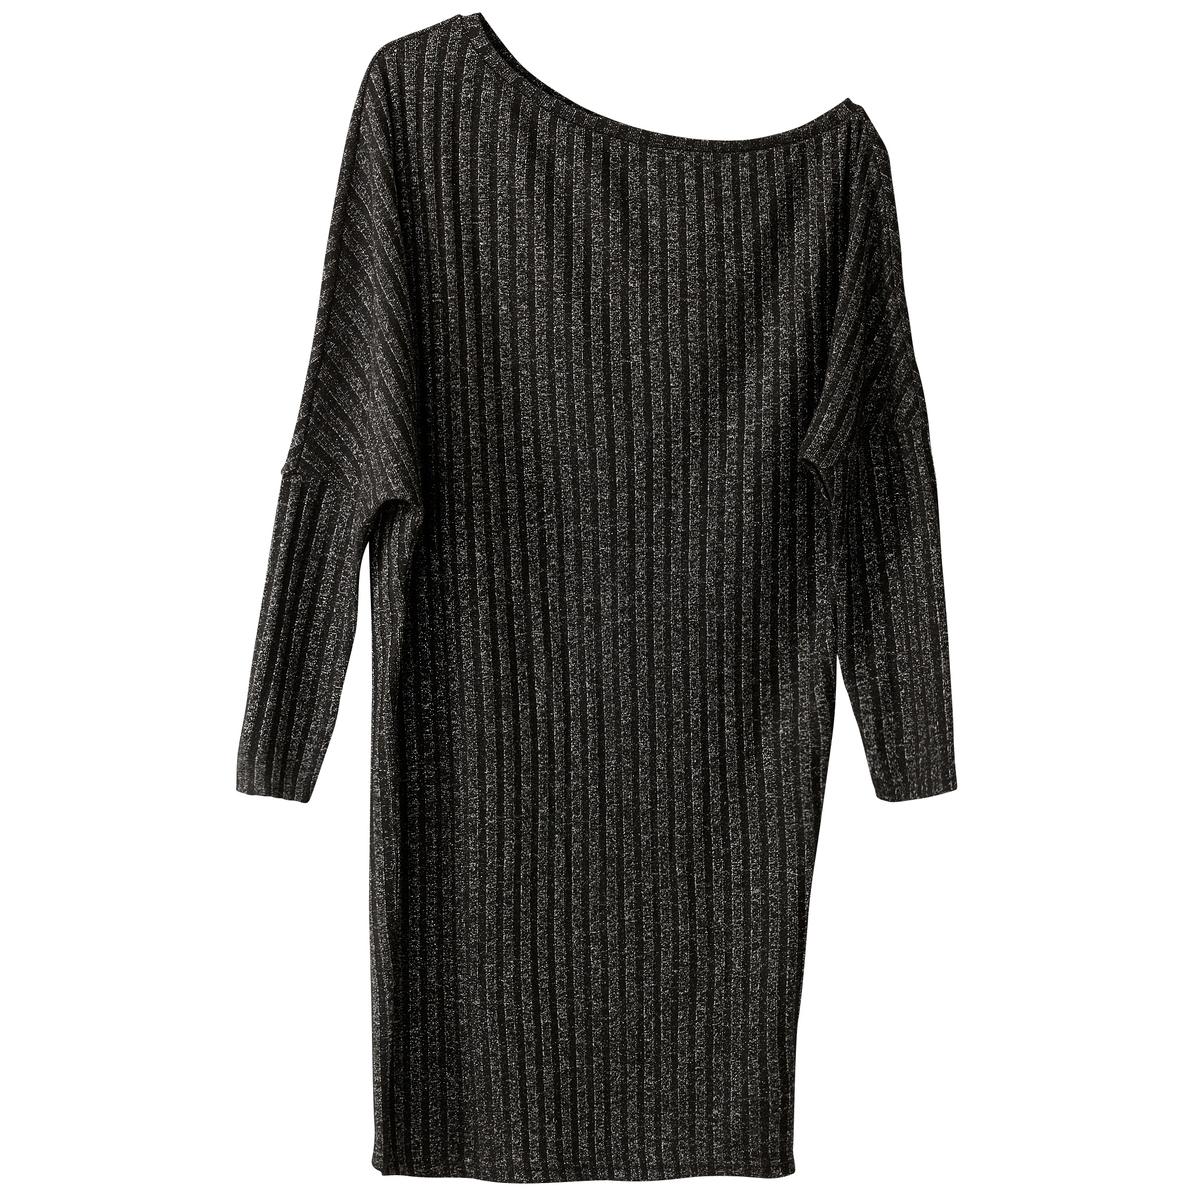 Платье прямое однотонное, средней длины, с длинными рукавамиДетали •  Форма : прямая •  Длина до колен •  Длинные рукава    •  Без воротникаСостав и уход •  60% хлопка, 40% полиэстера •  Следуйте рекомендациям по уходу, указанным на этикетке изделия<br><br>Цвет: розовый,черный<br>Размер: XL